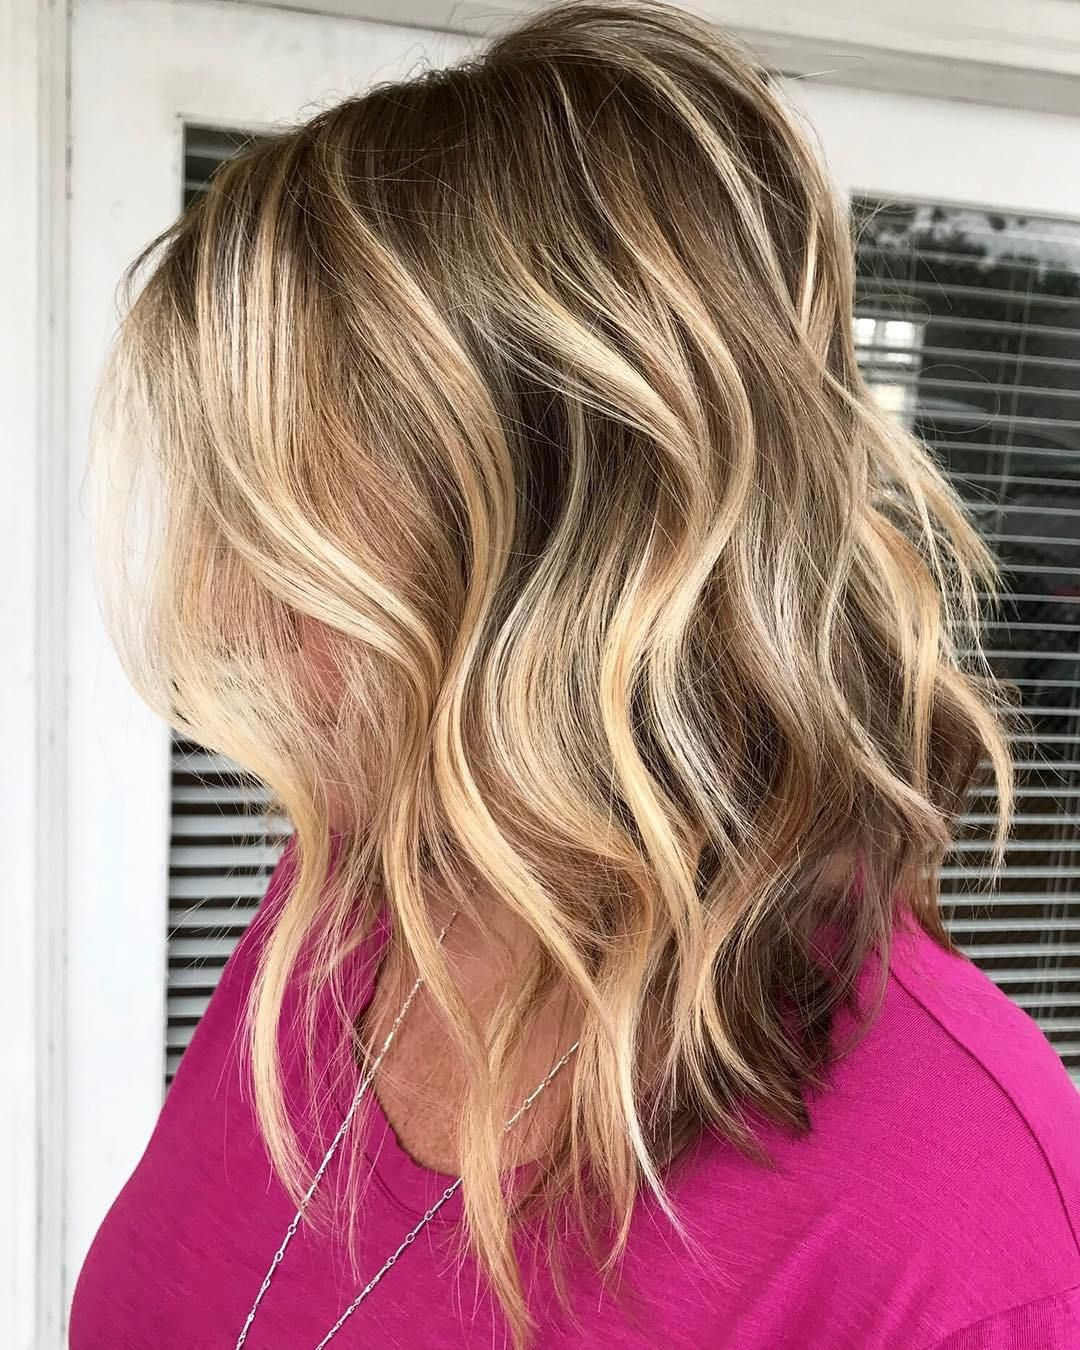 24+ Extra long bob hairstyles ideas